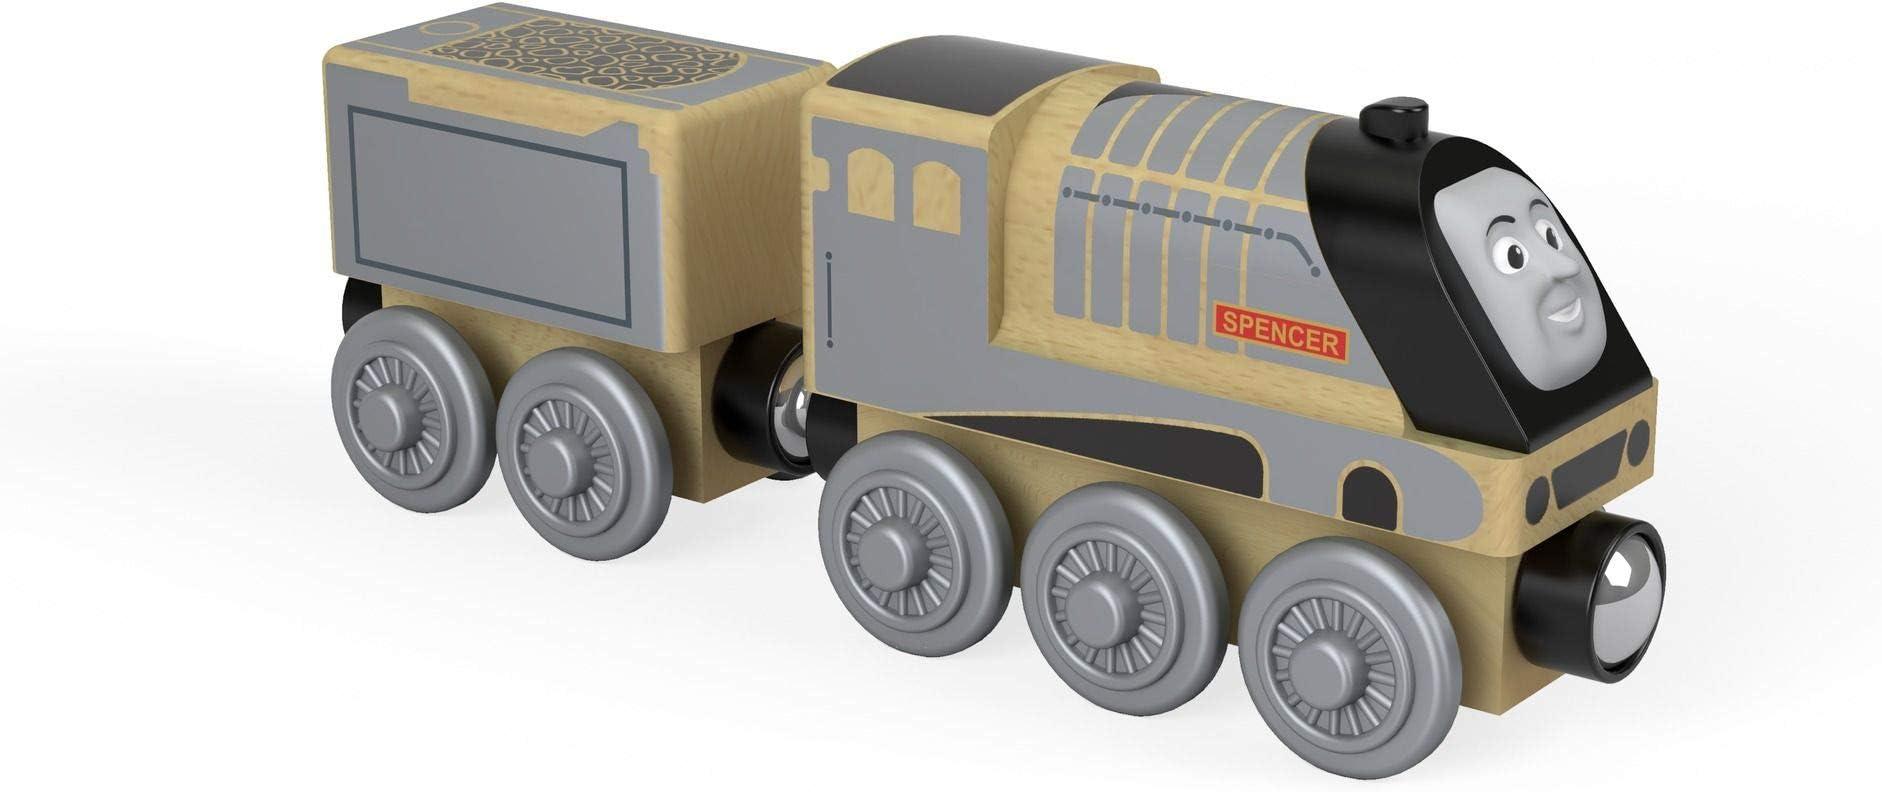 Thomas /& Friends GGG68 Bois Spencer Jouet Train Multicolore